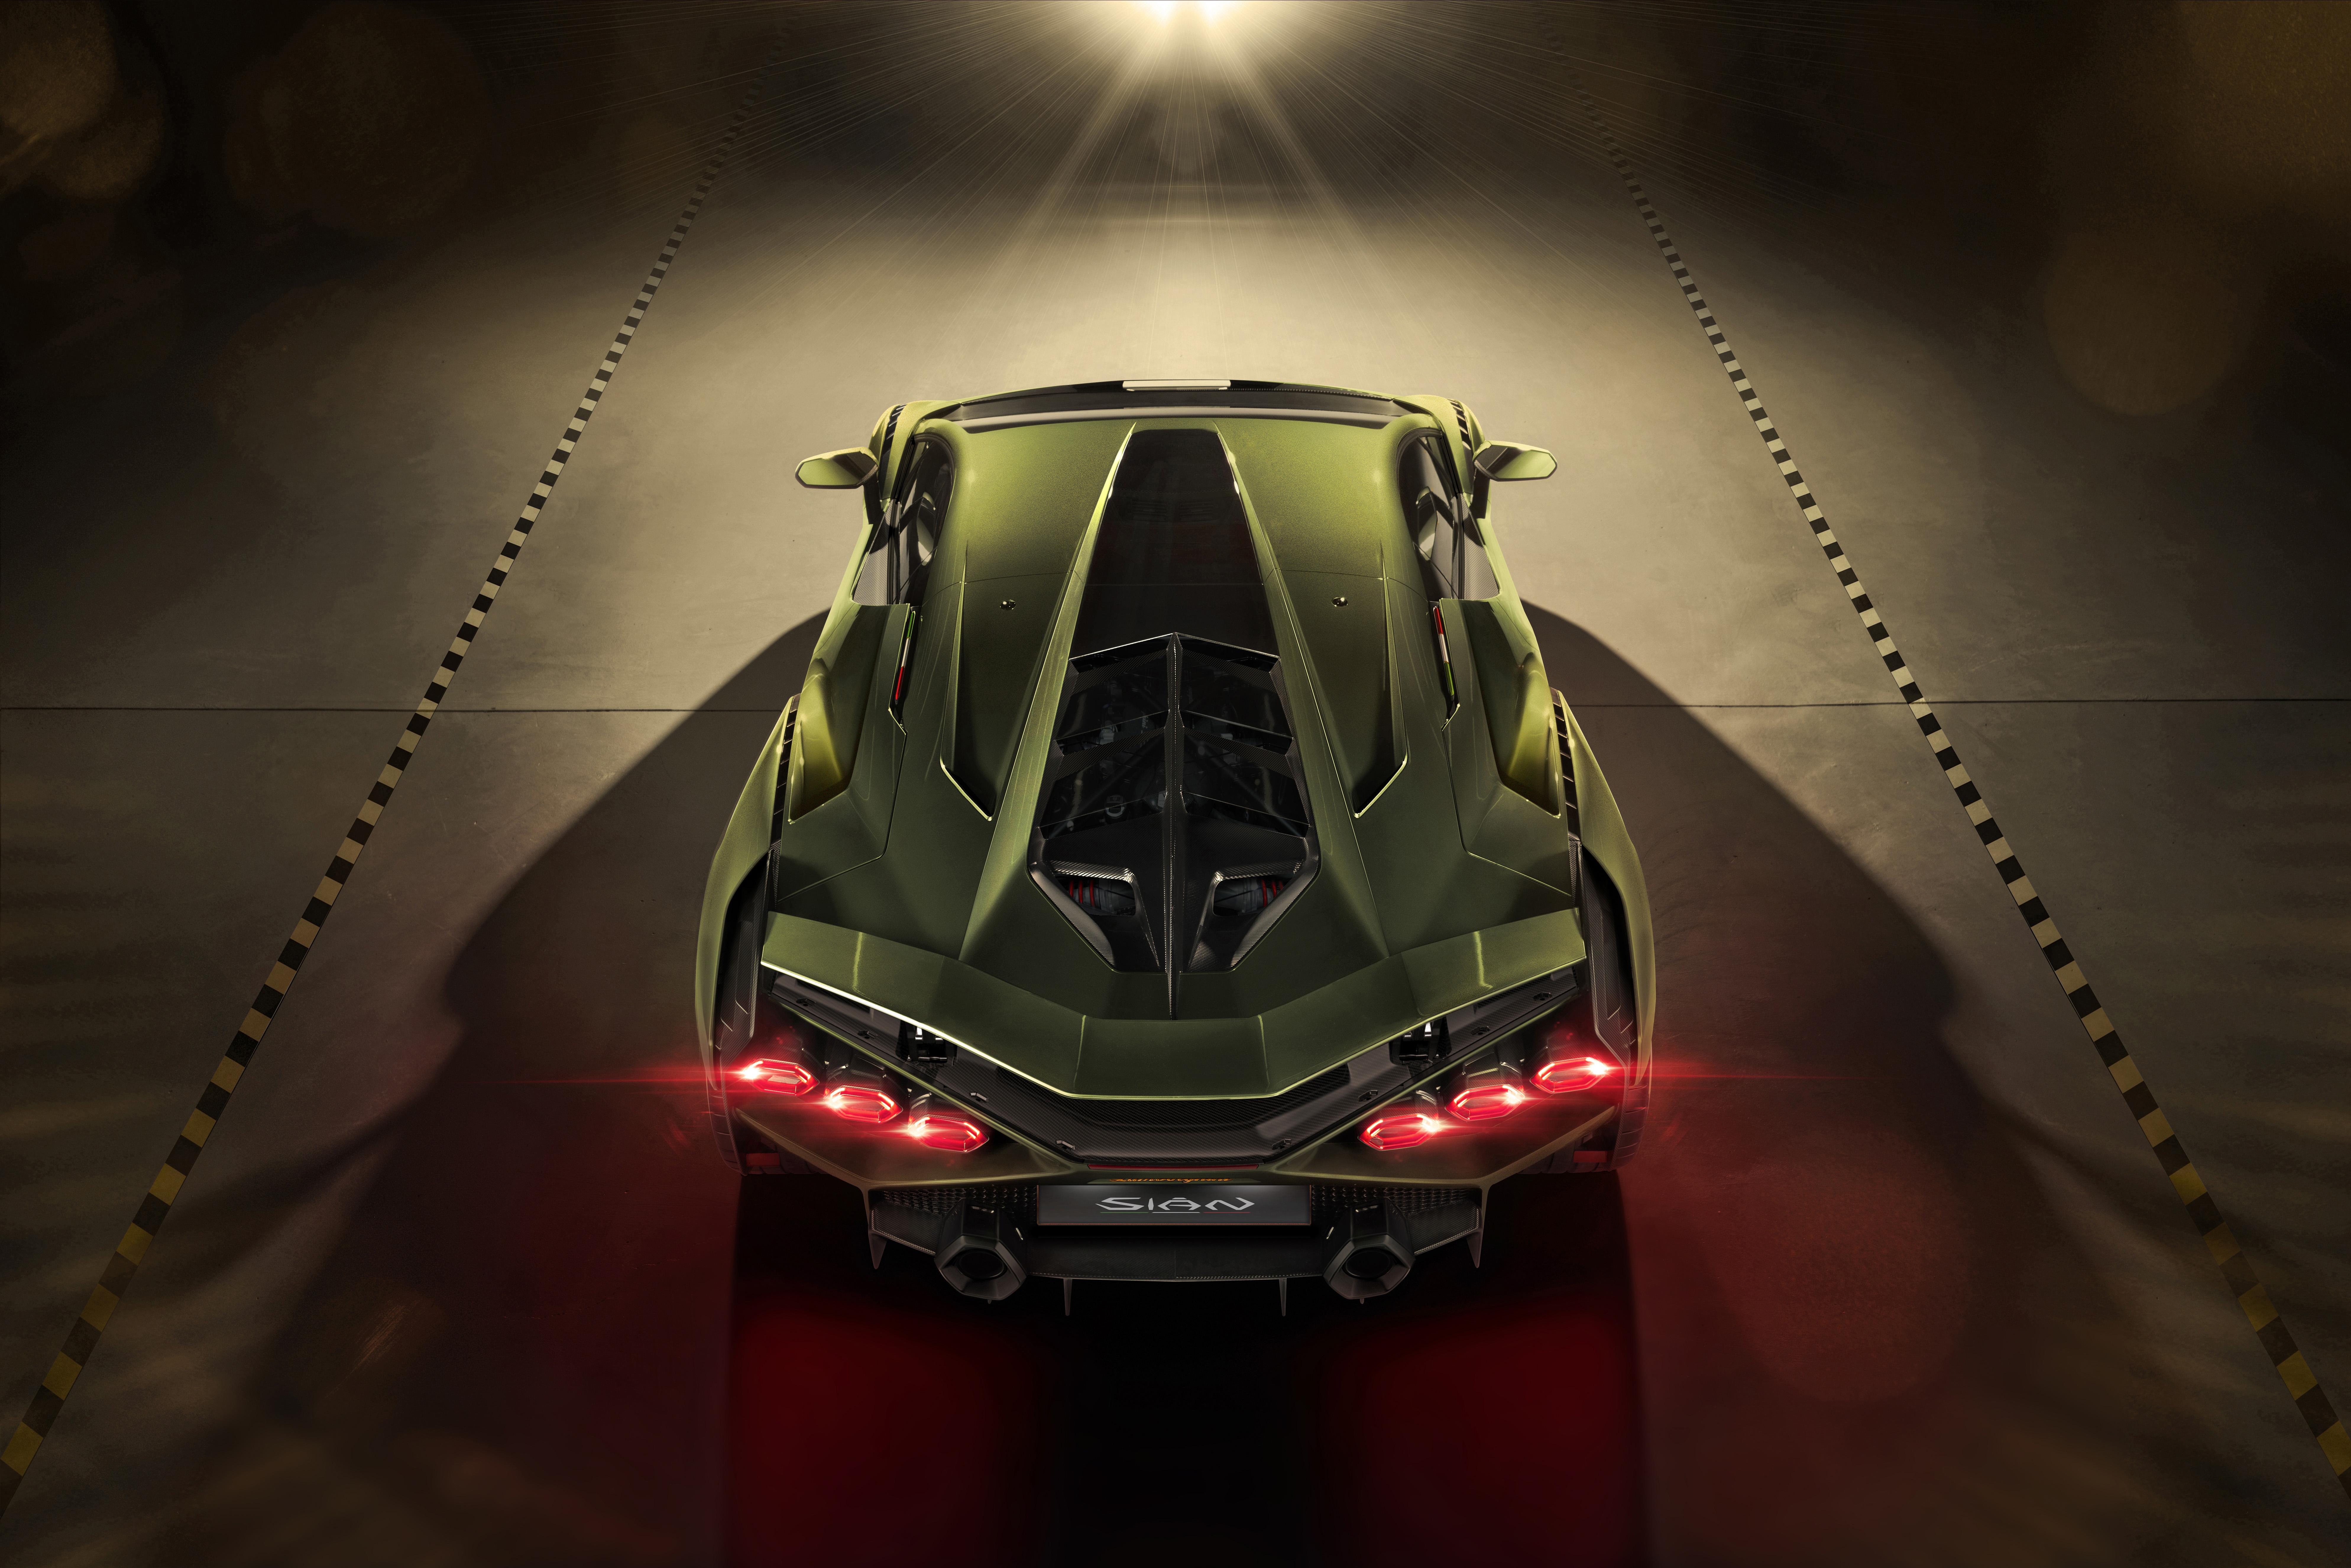 2021 lamborghini sian 4k 1618920700 - 2021 Lamborghini Sian 4k - 2021 Lamborghini Sian 4k wallpapers